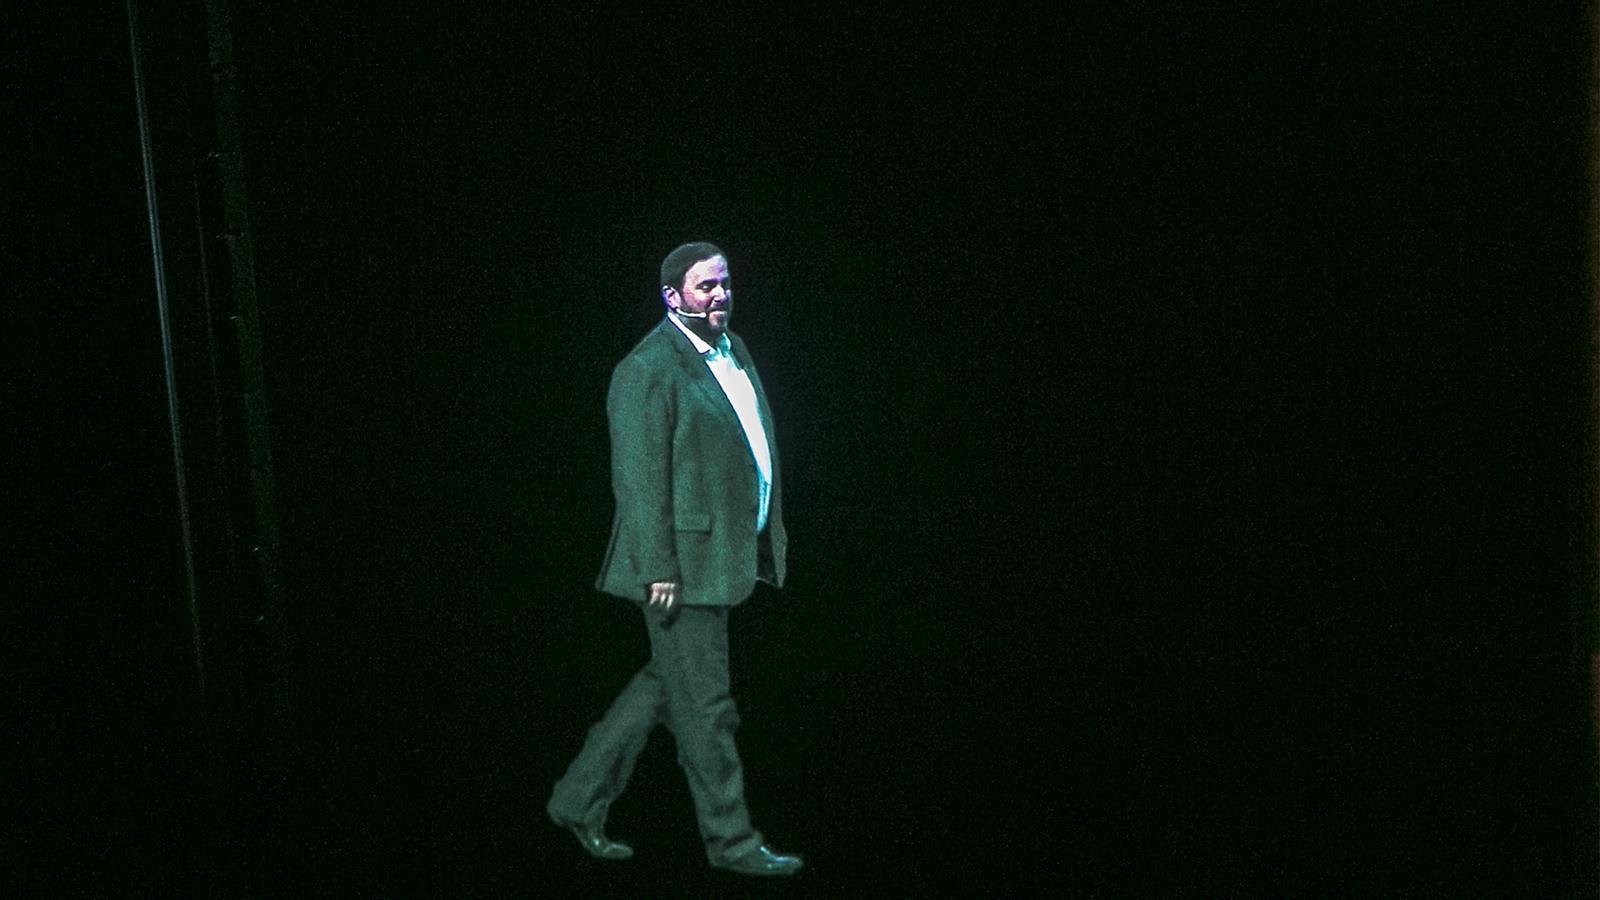 L'anàlisi d'Antoni Bassas: 'Una conferència amb holograma'